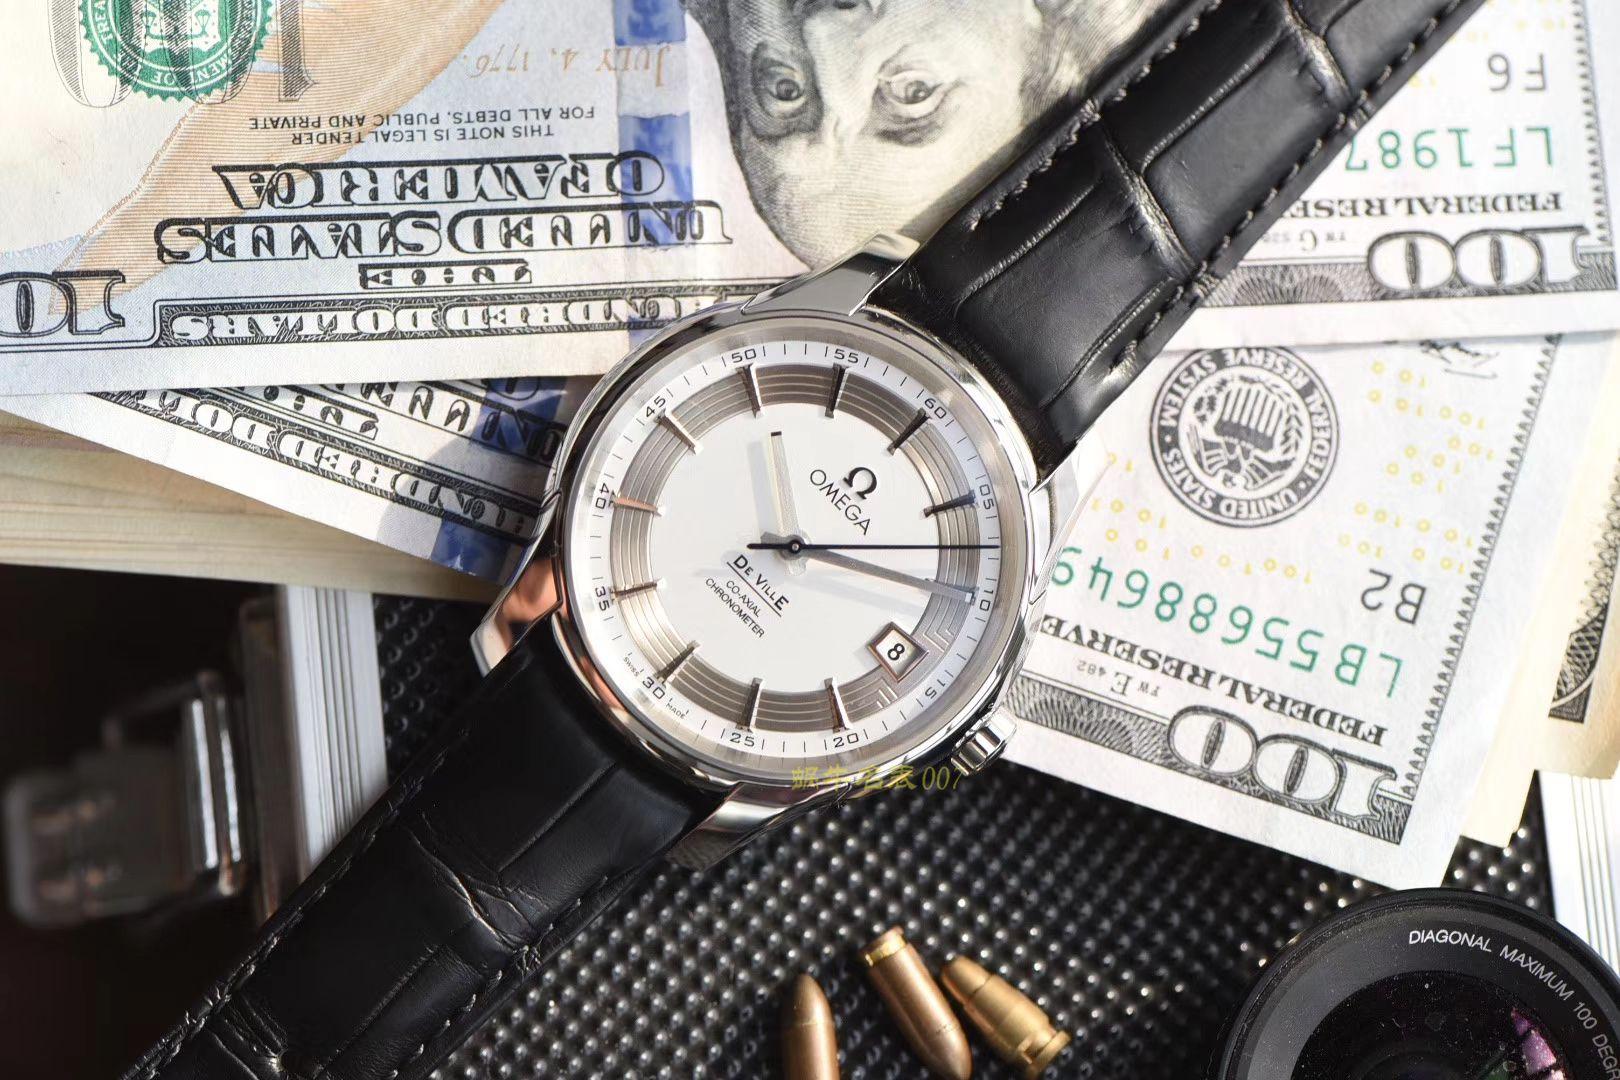 视频评测欧米茄碟飞系列431.33.41.21.02.001腕表【VS精品 蝶飞侧透 一比一超A高仿手表】 / M363